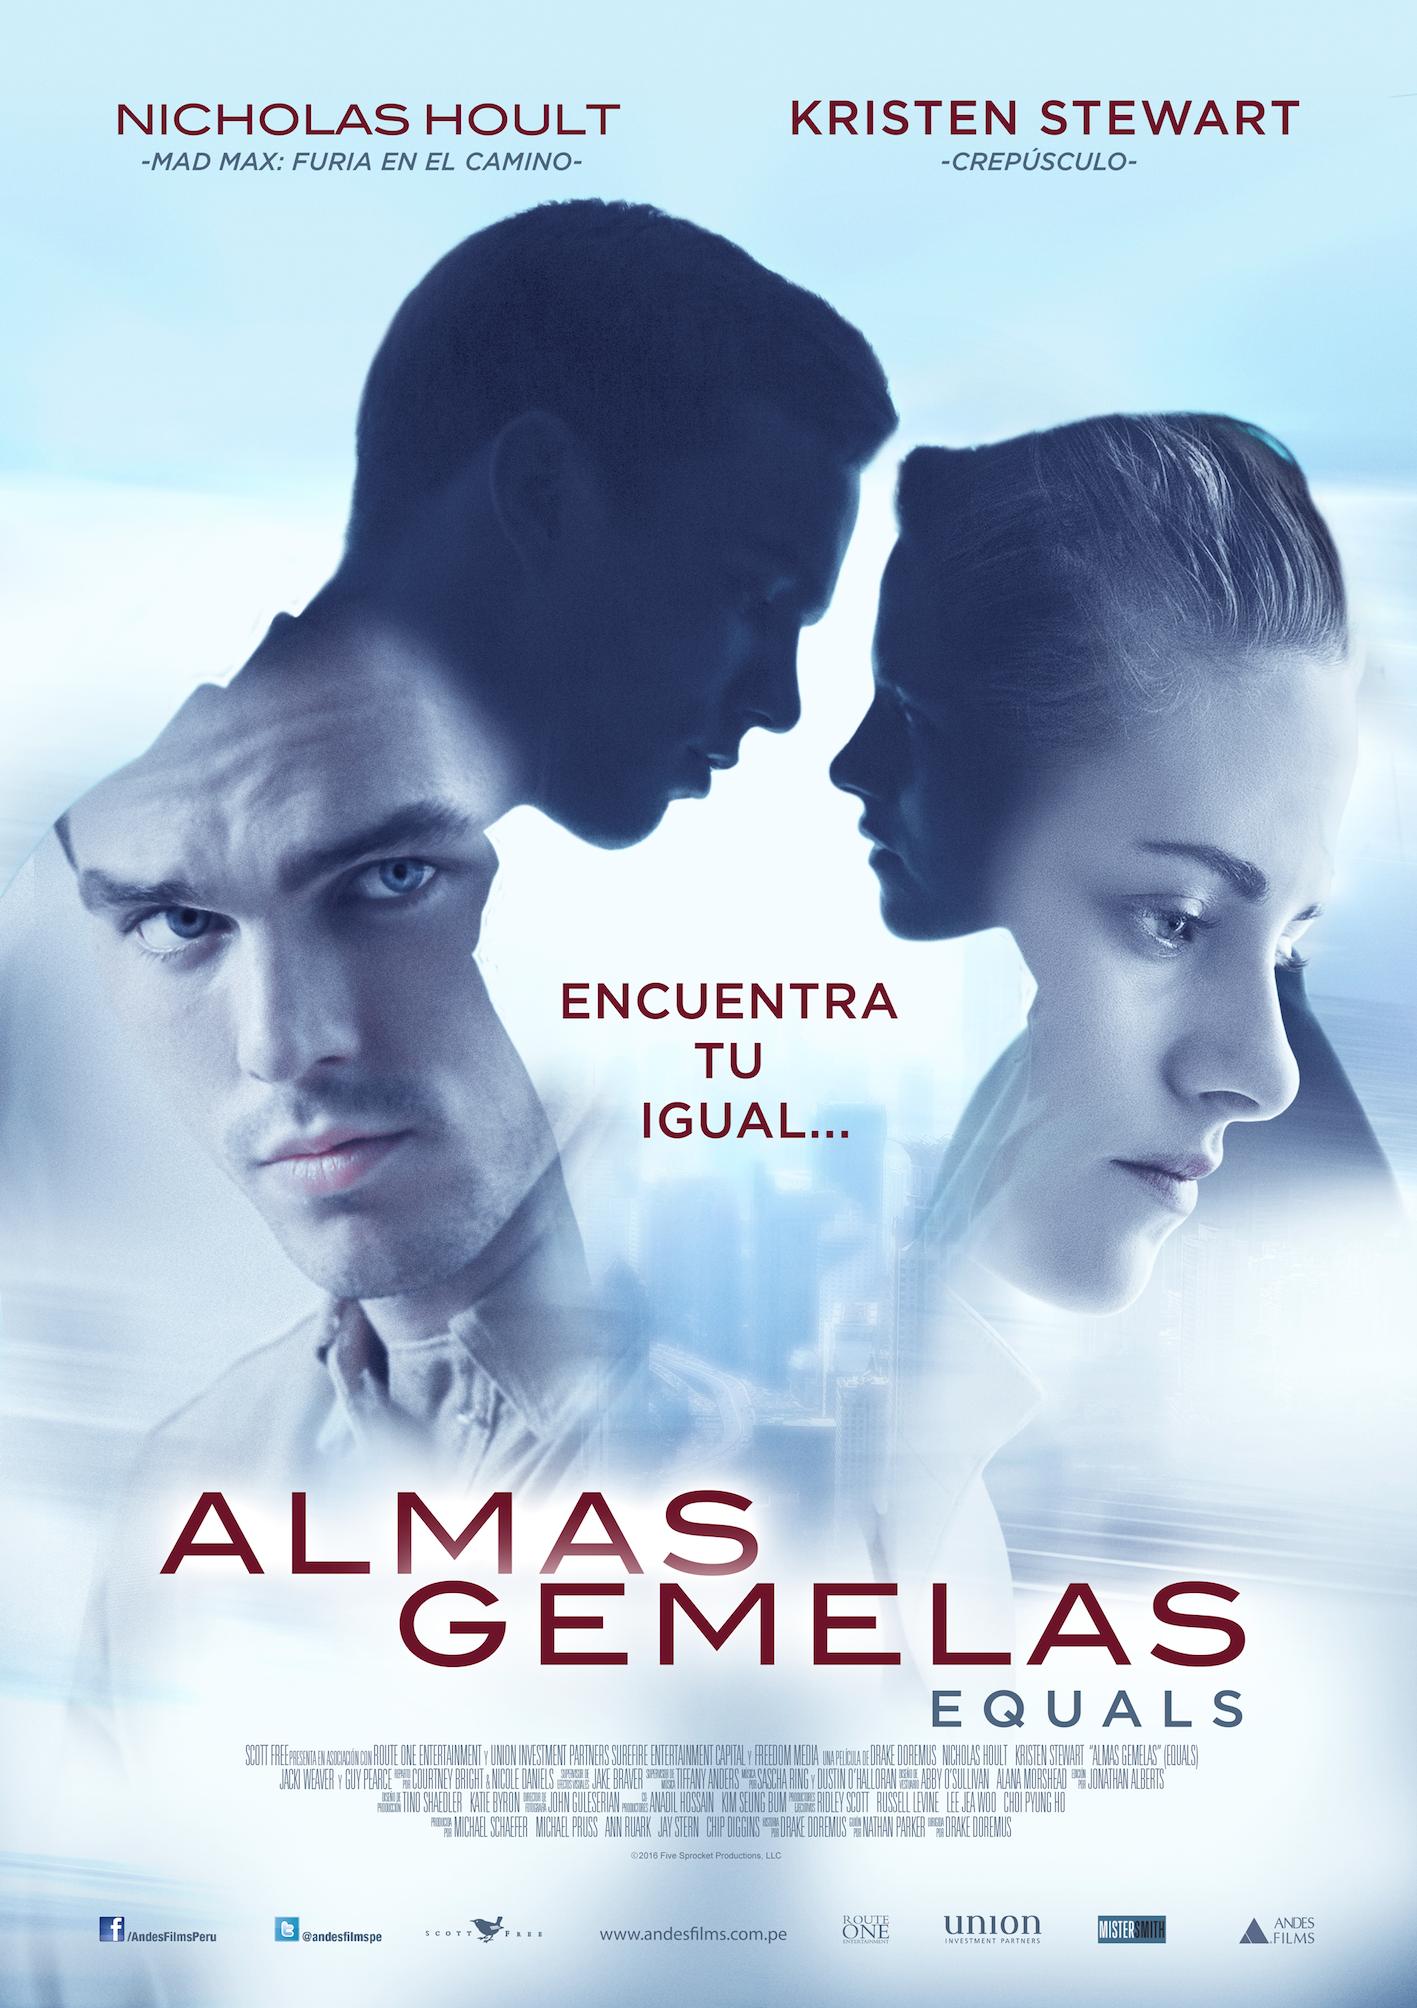 https://www.andesfilms.com.pe/almas-gemelas/